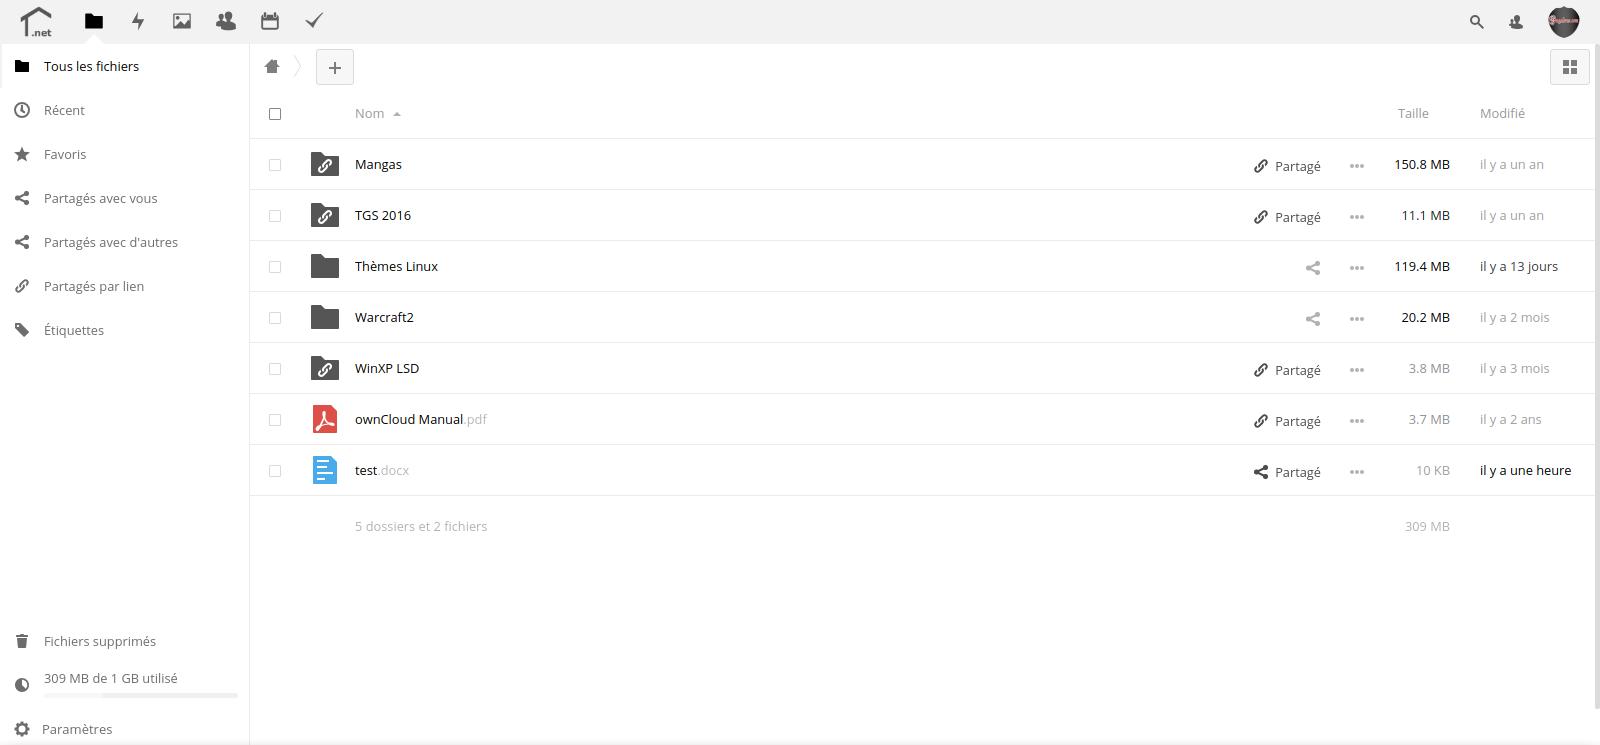 content/service/nextcloud/images/1.png